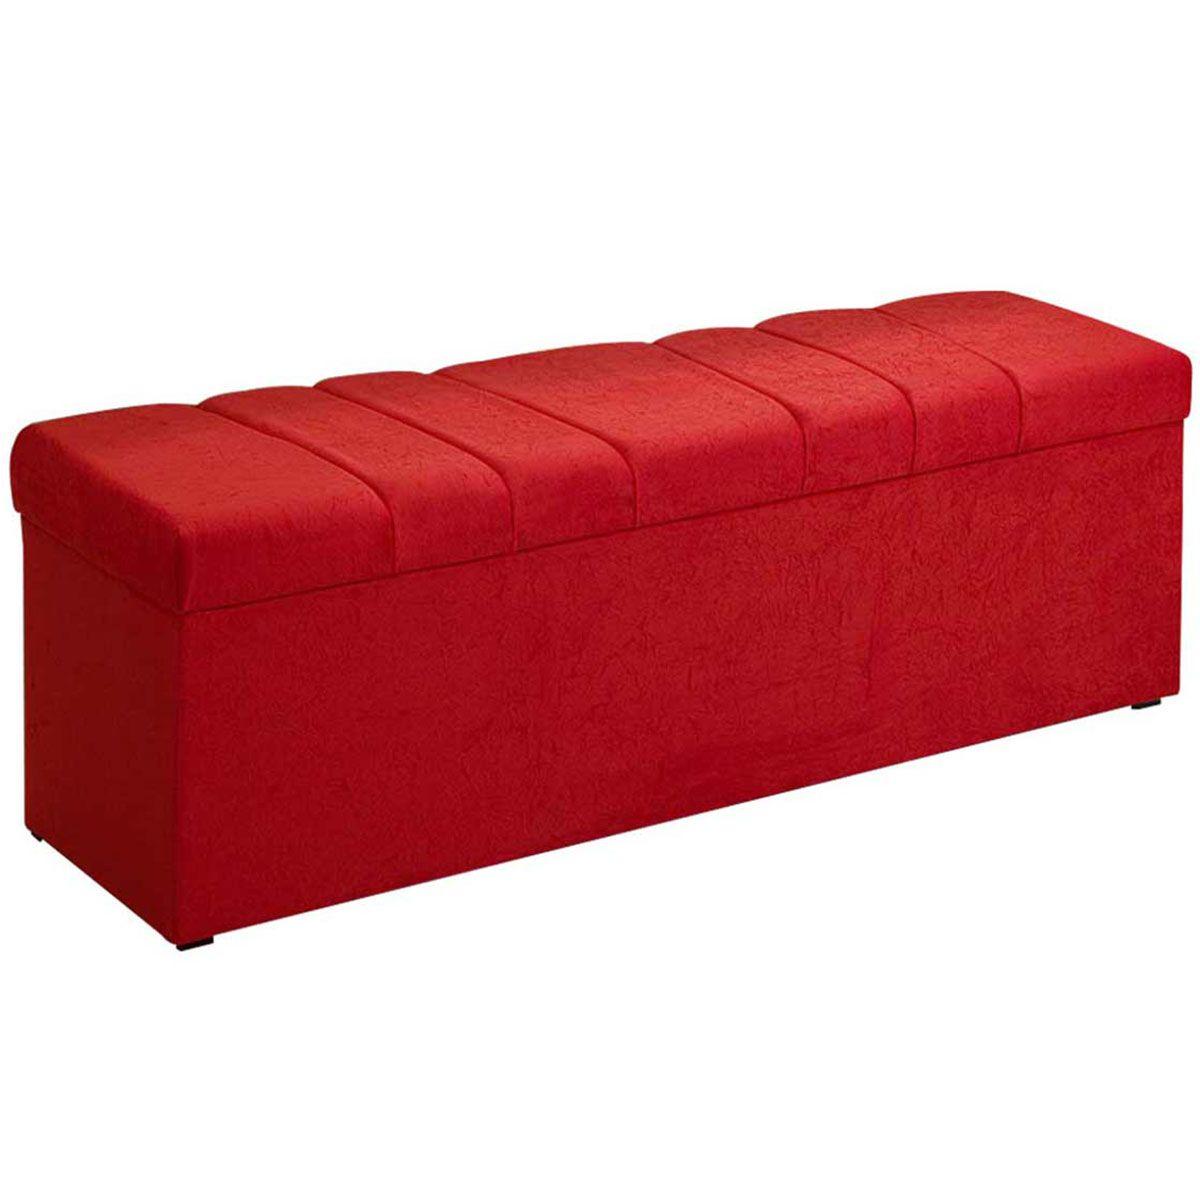 Kit Cabeceira Poliana e Calçadeira Kiara Casal 140 cm Vermelho